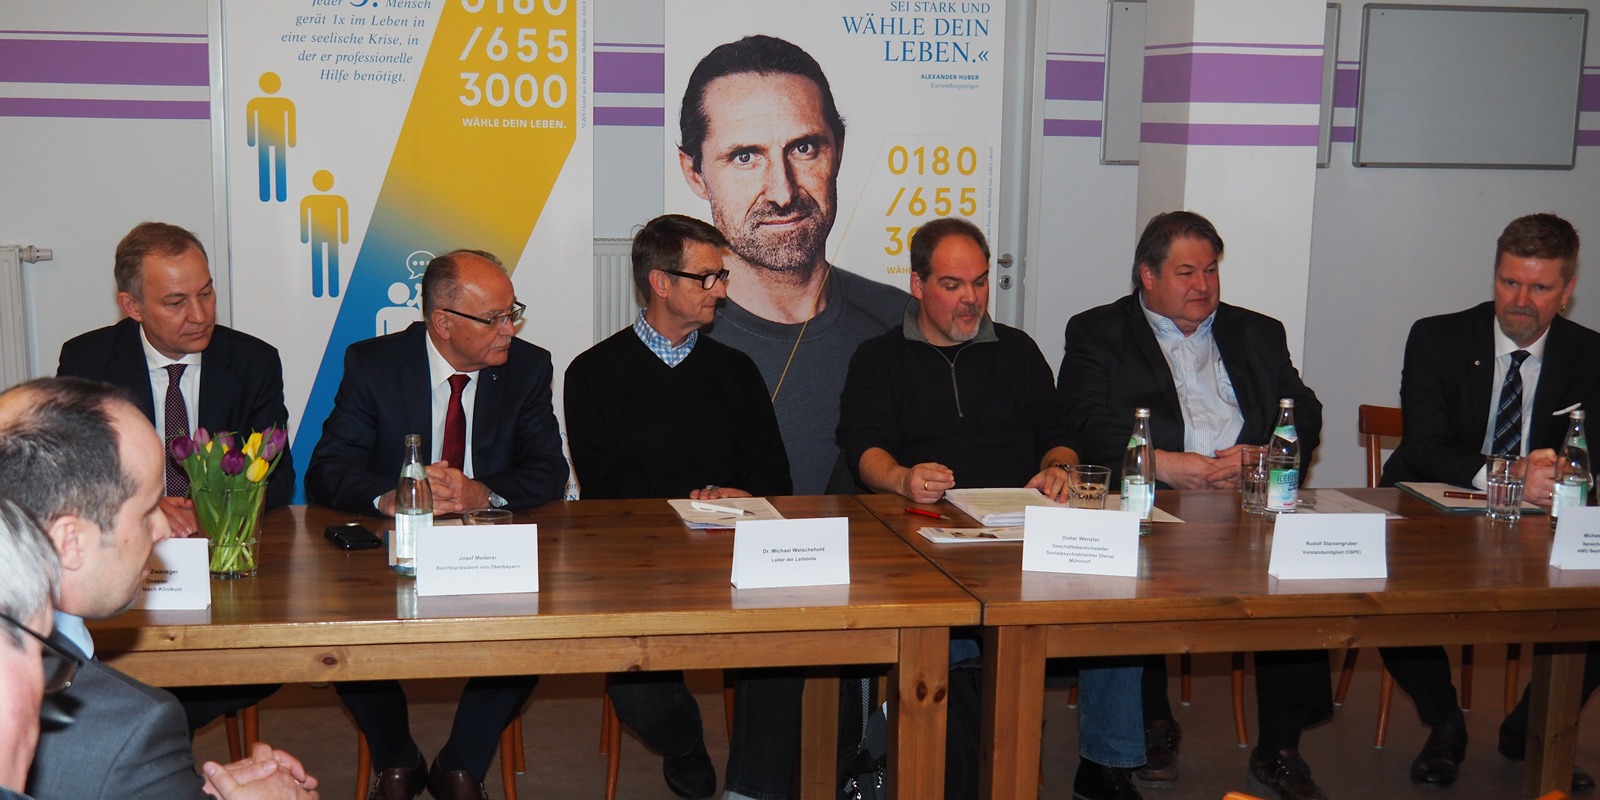 Pressekonferenz: 1 Jahr Krisendienst Psychiatrie